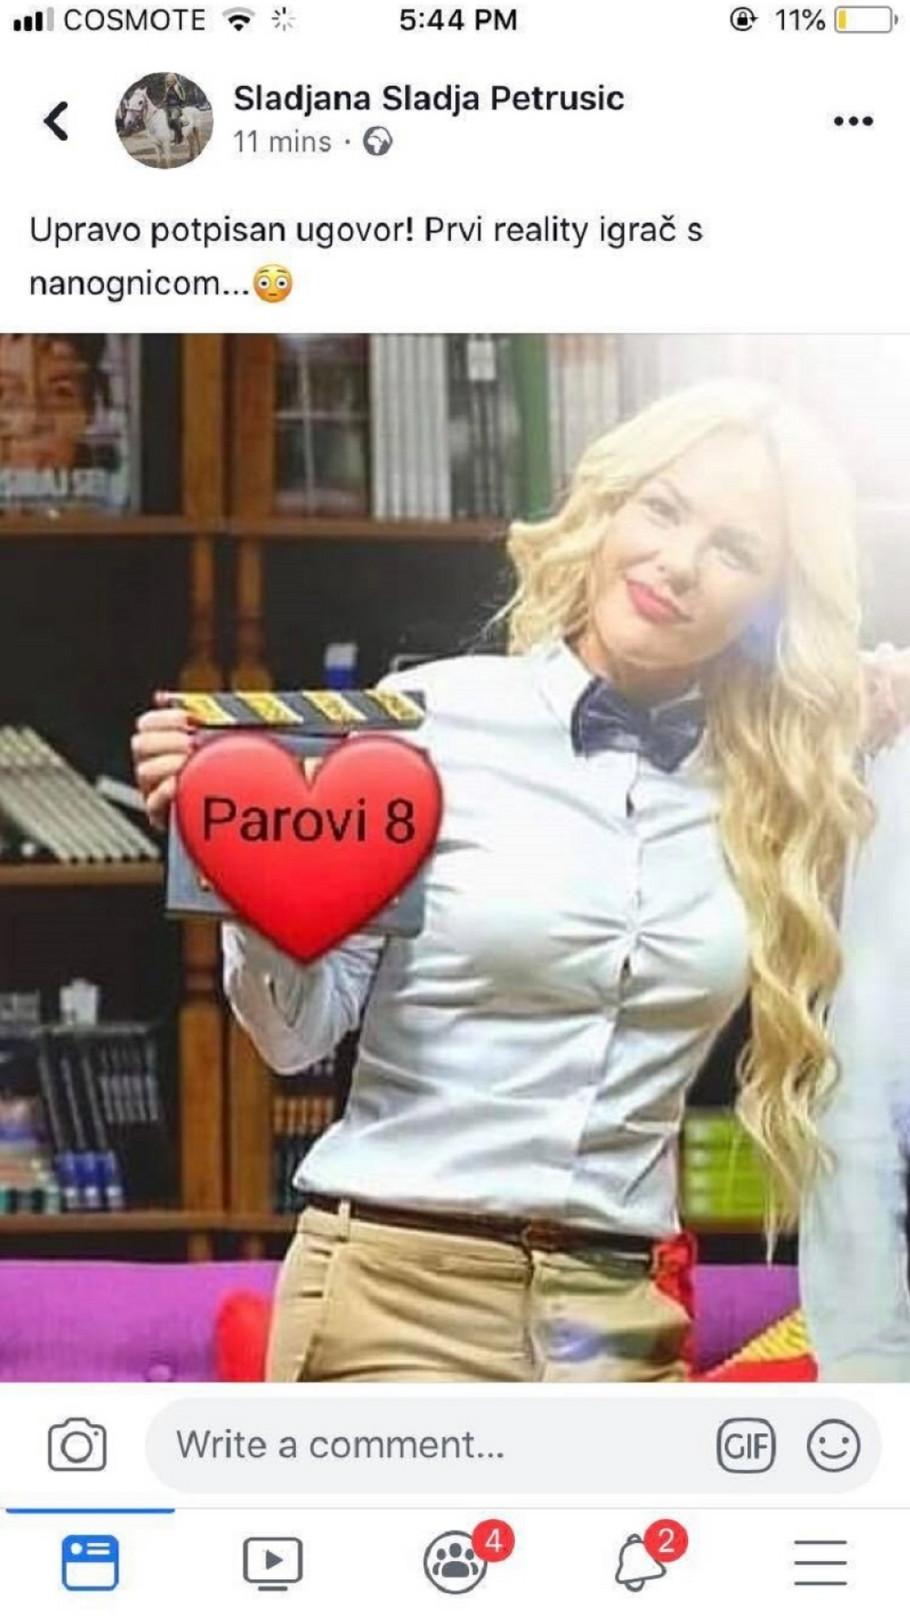 Slađana Petrušić